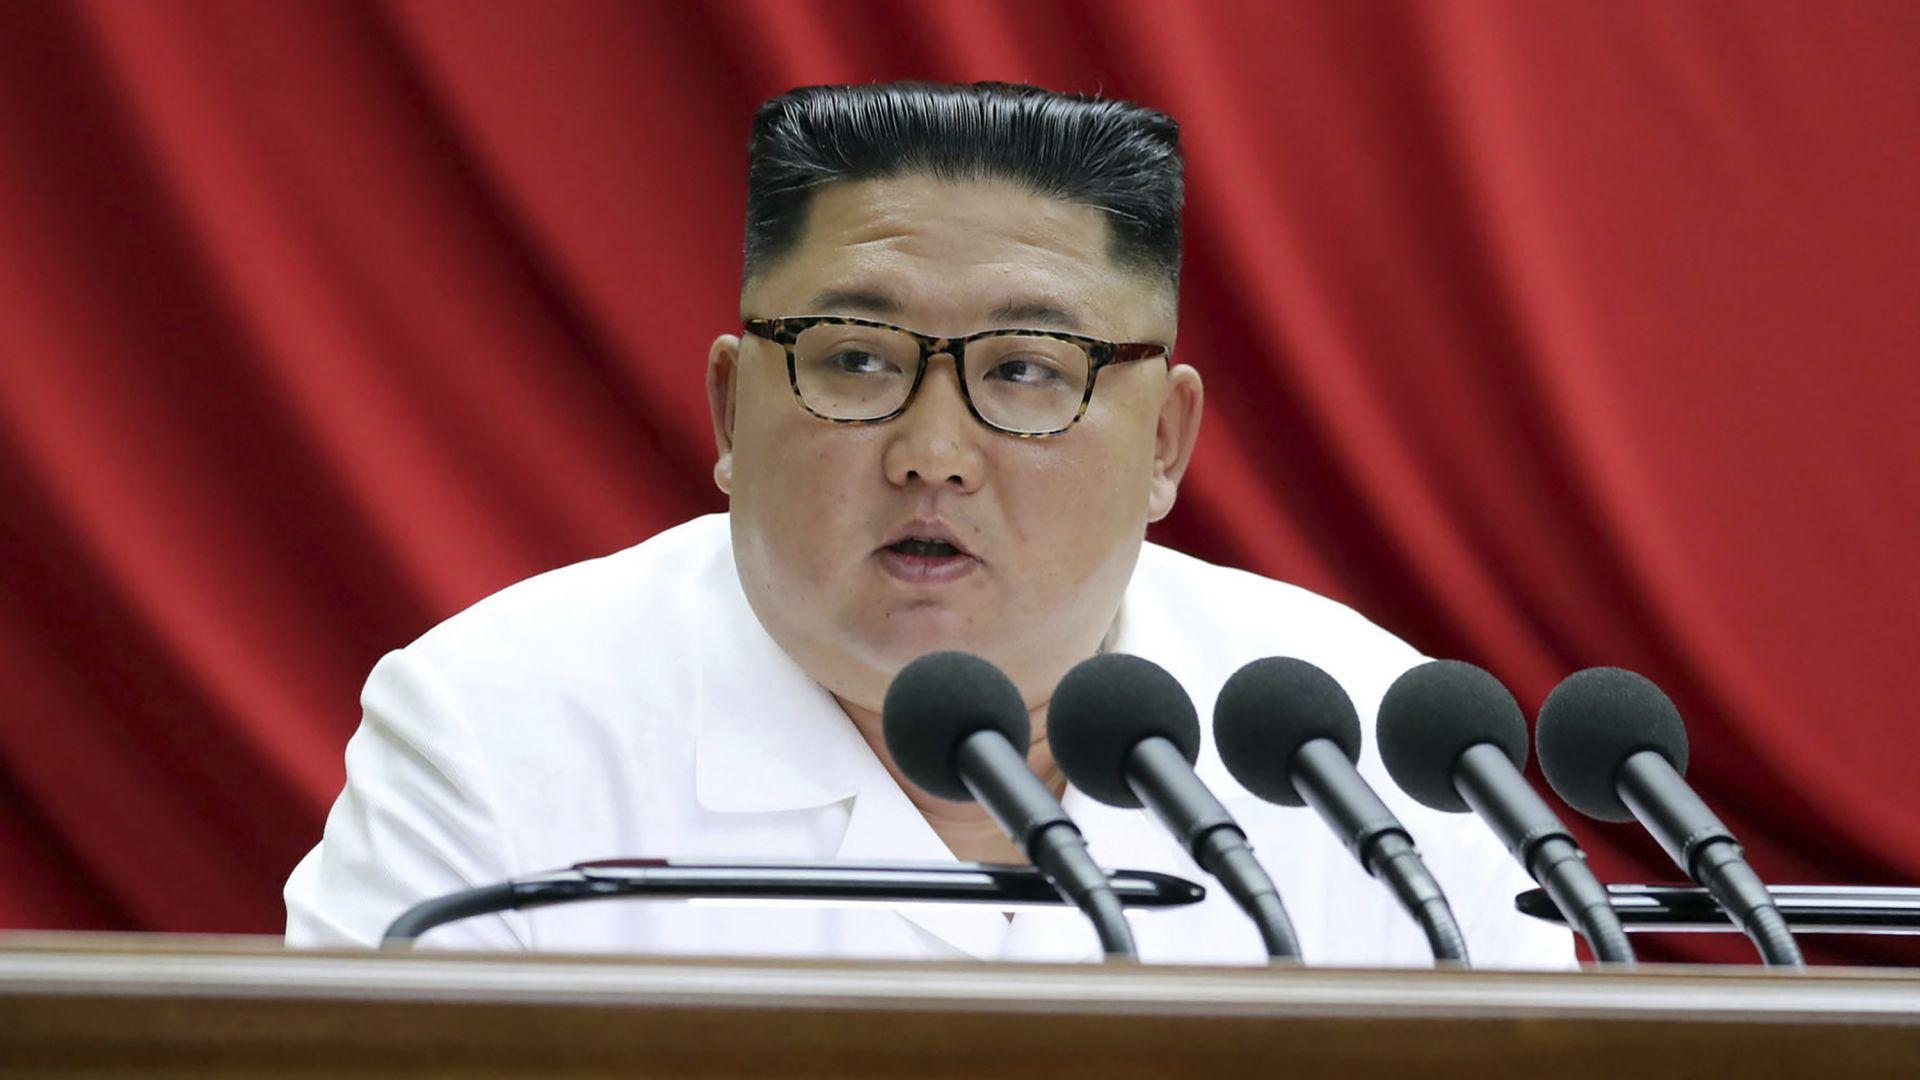 Защо Ким Чен-ун пропусна да направи новогодишно послание?